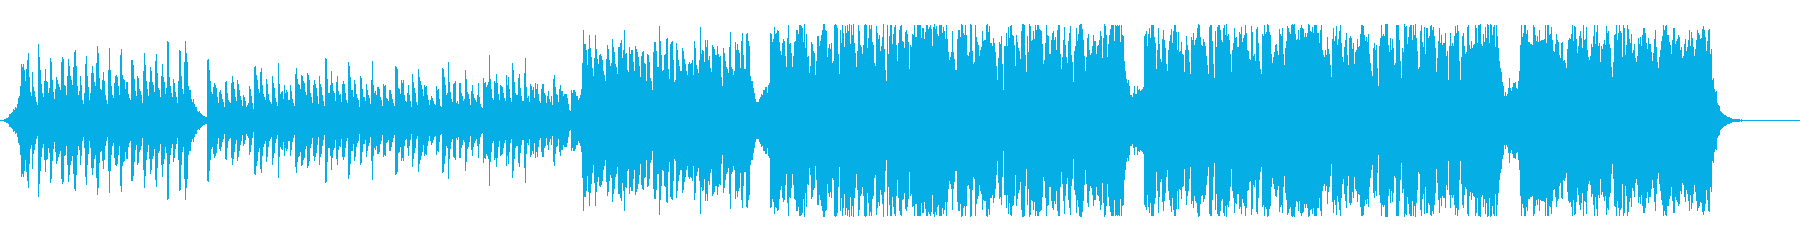 明るくワクワクなウィンターオーケストラの再生済みの波形